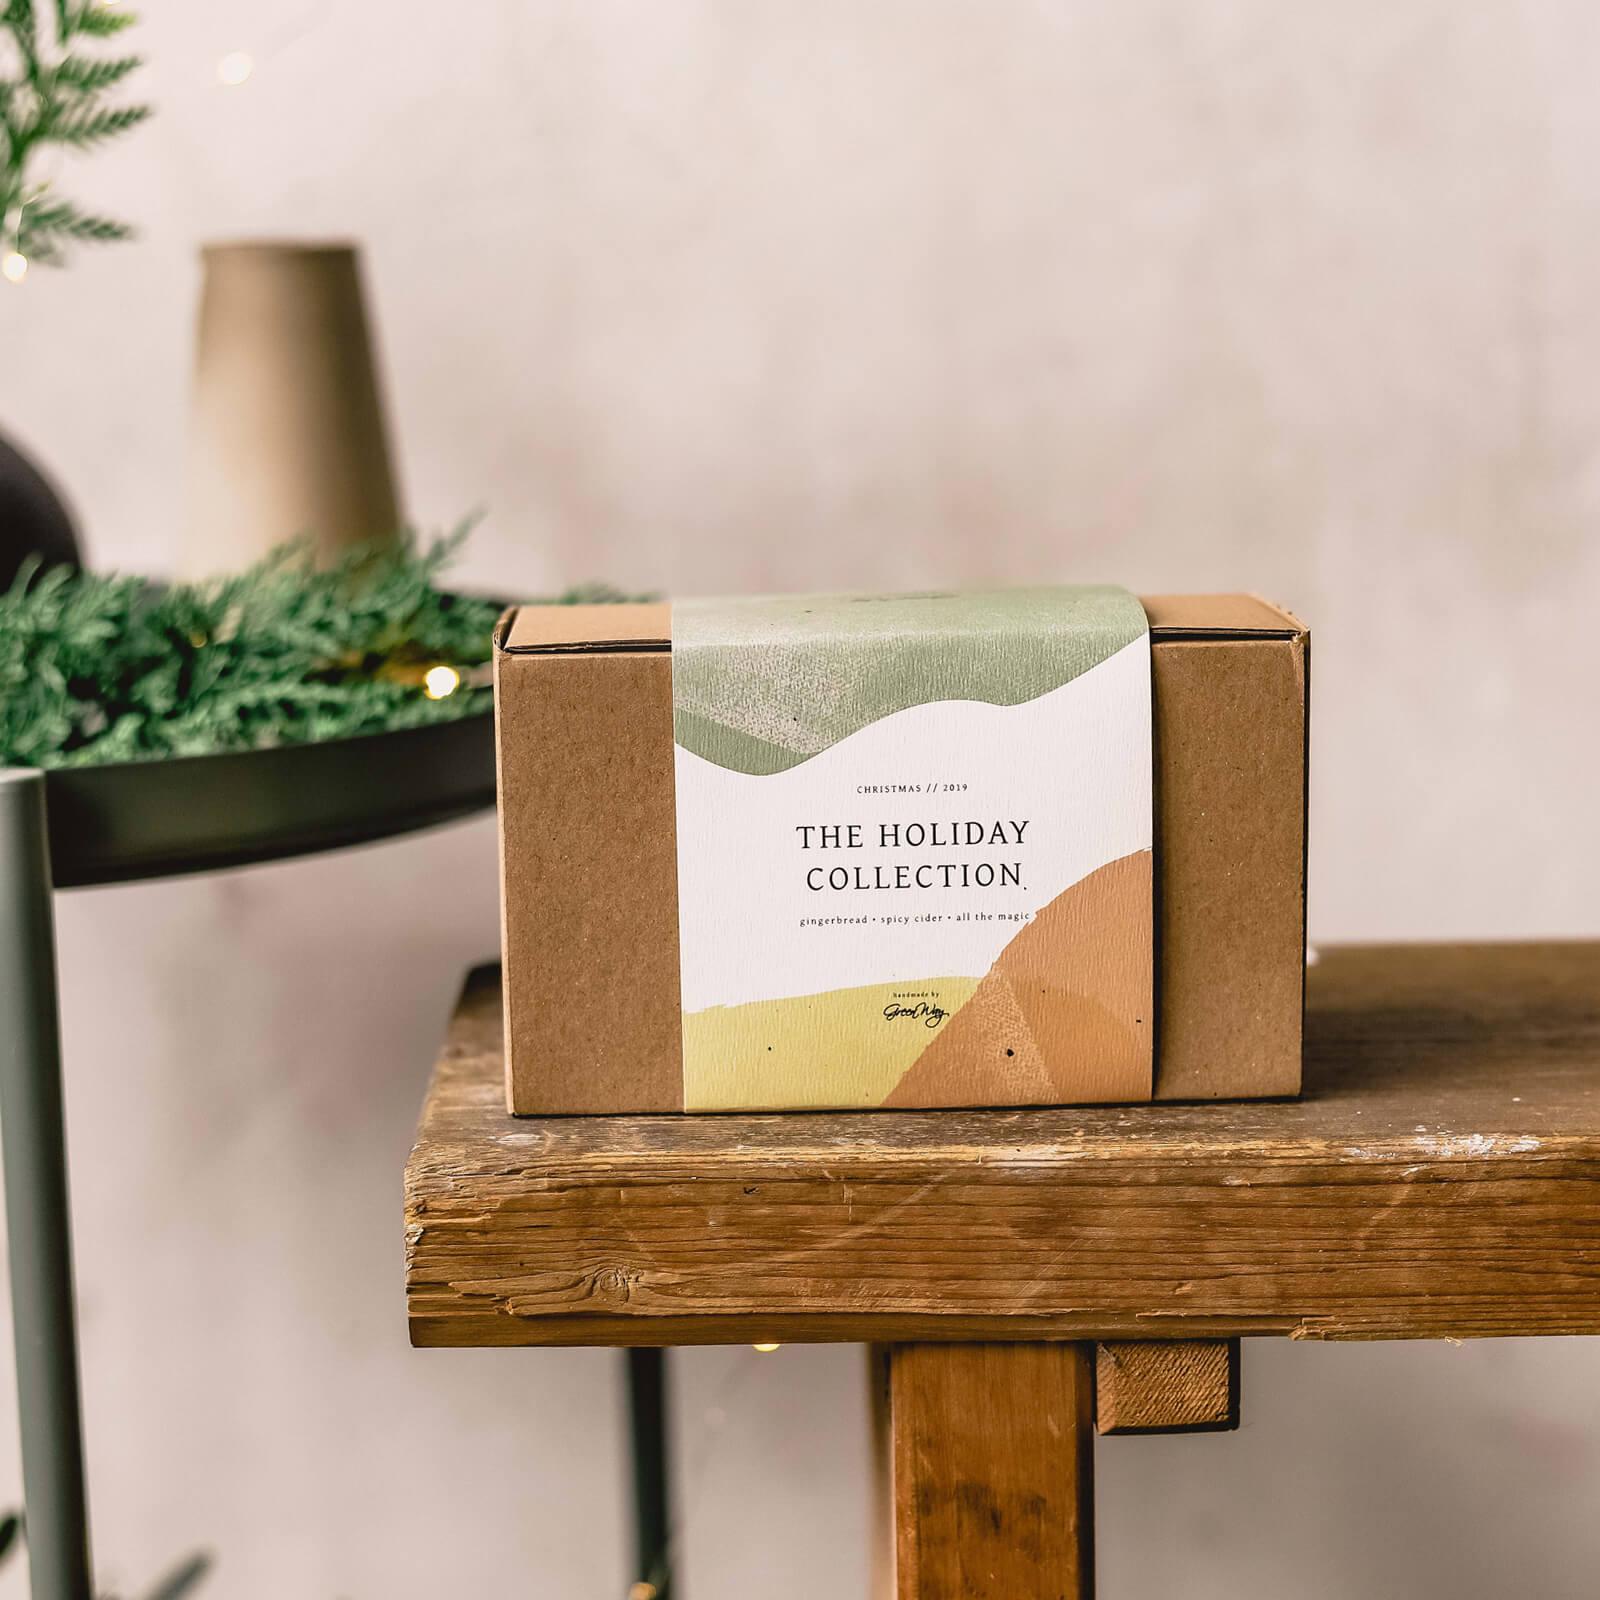 Szójagyertya ajándékdoboz hulladékmentes csomagolásban